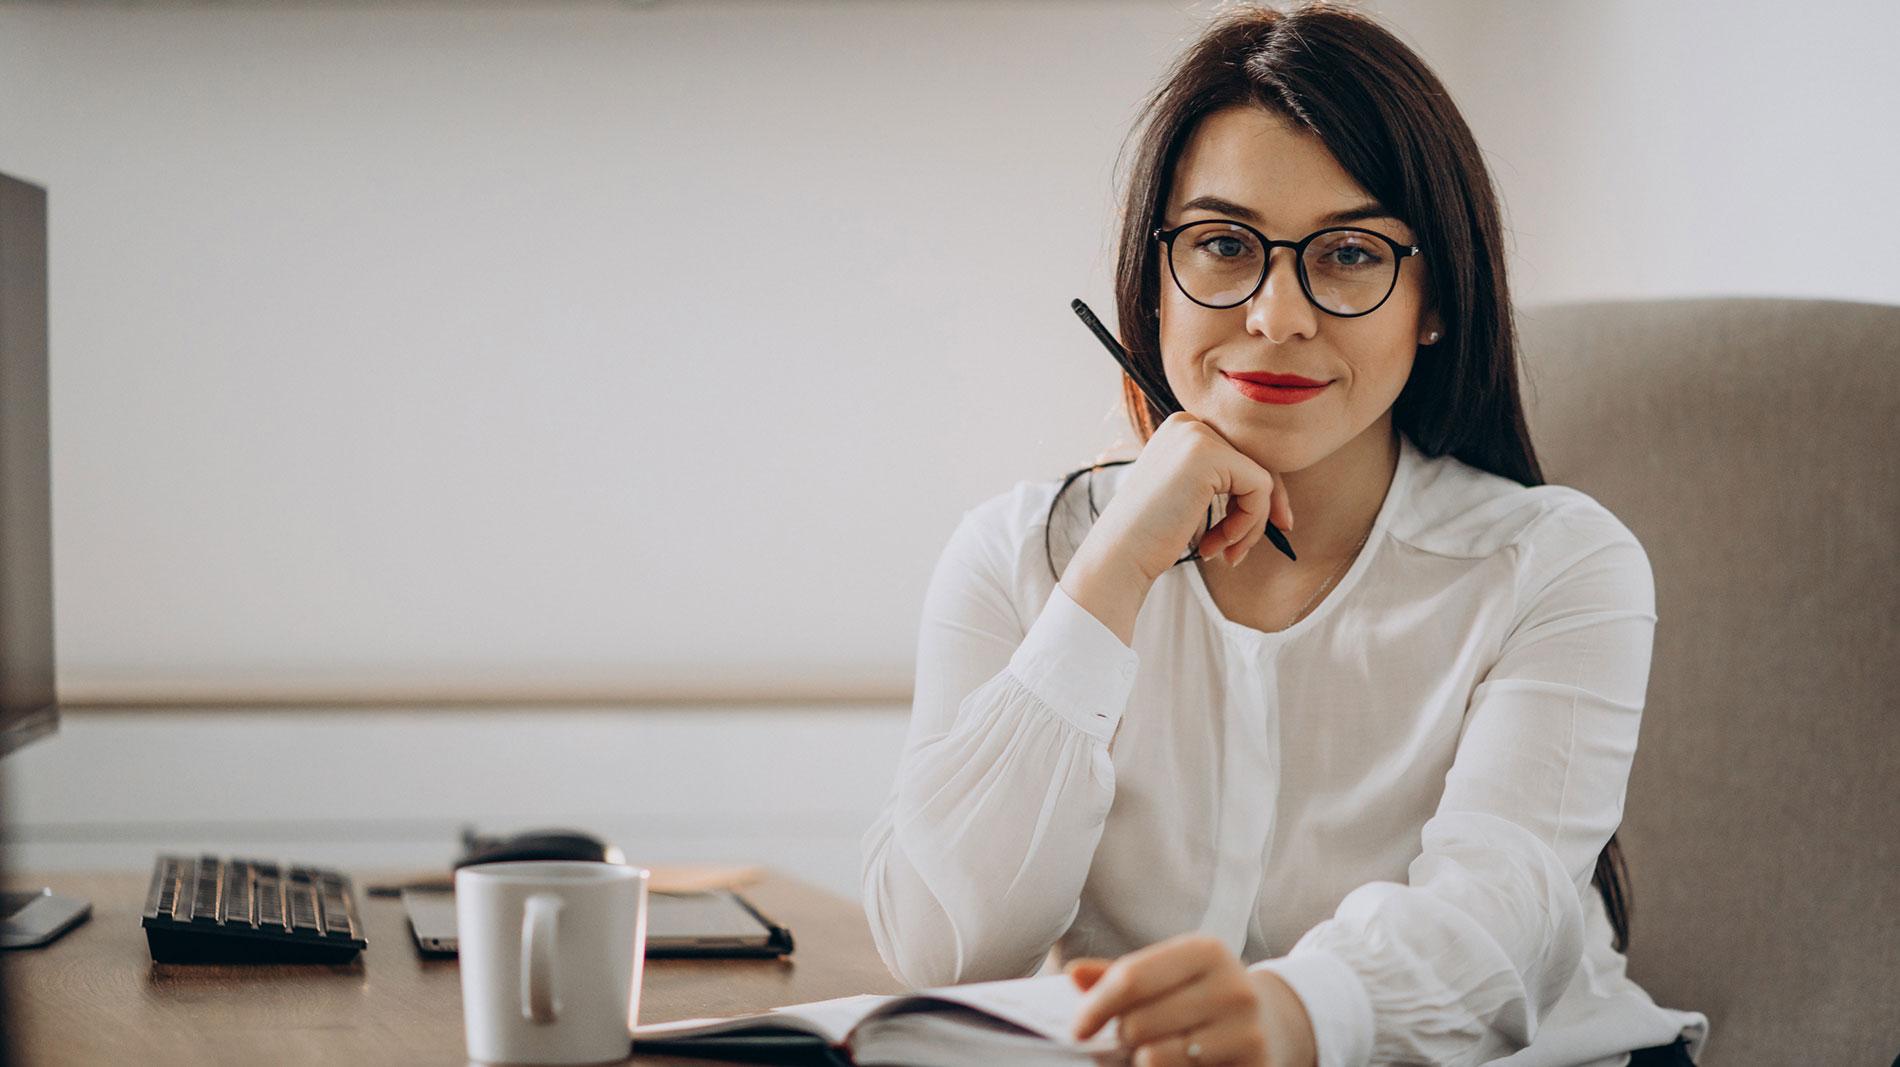 How to transform career